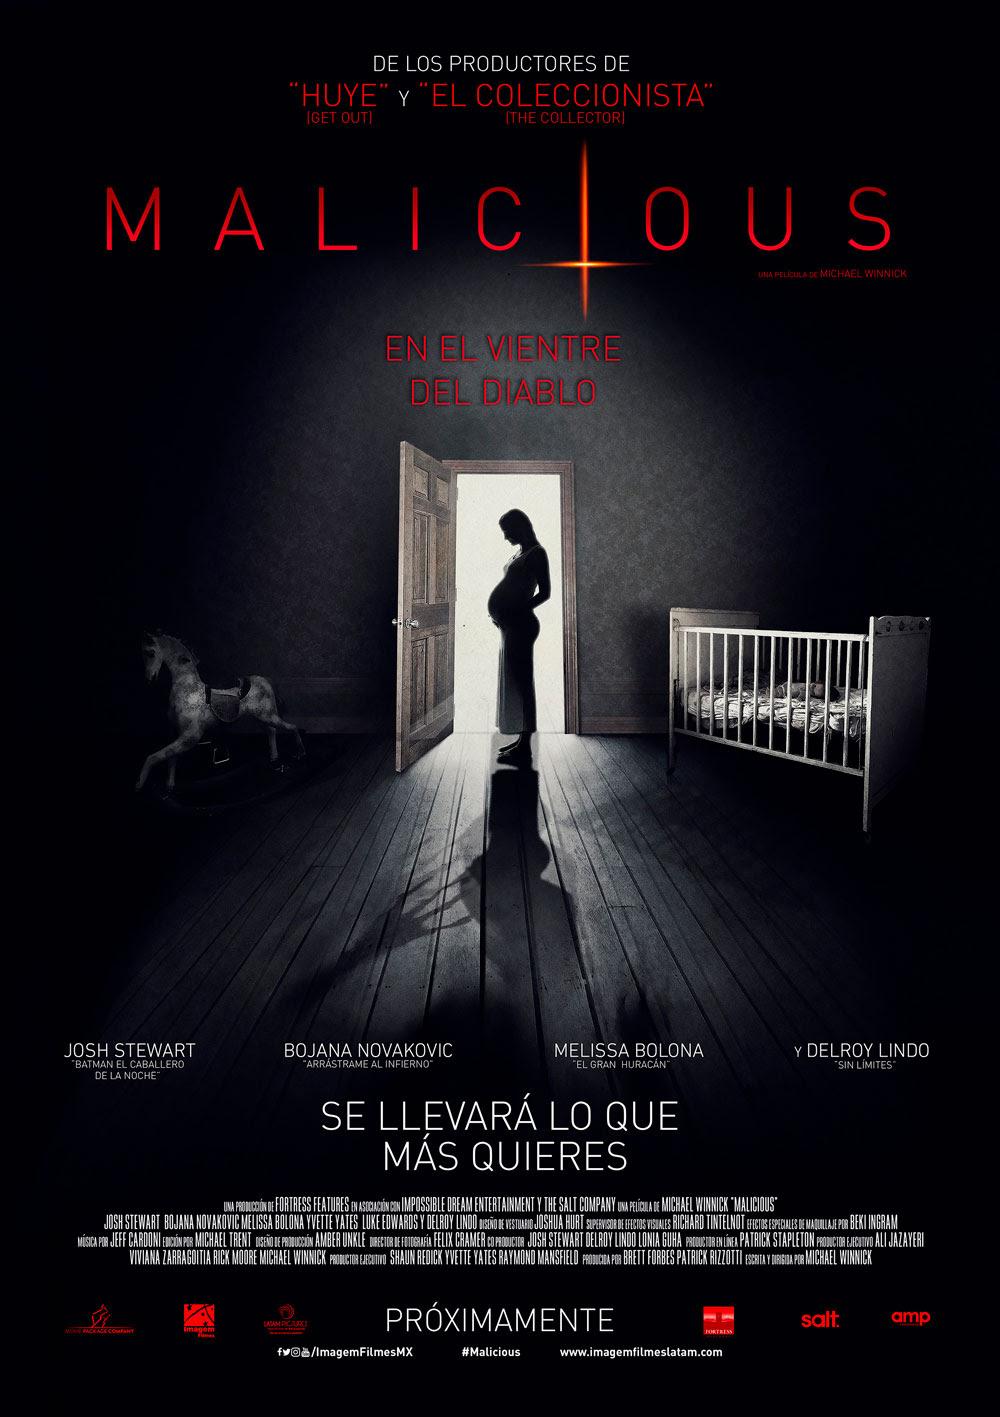 Malicious / Estreno: 28 de septiembre